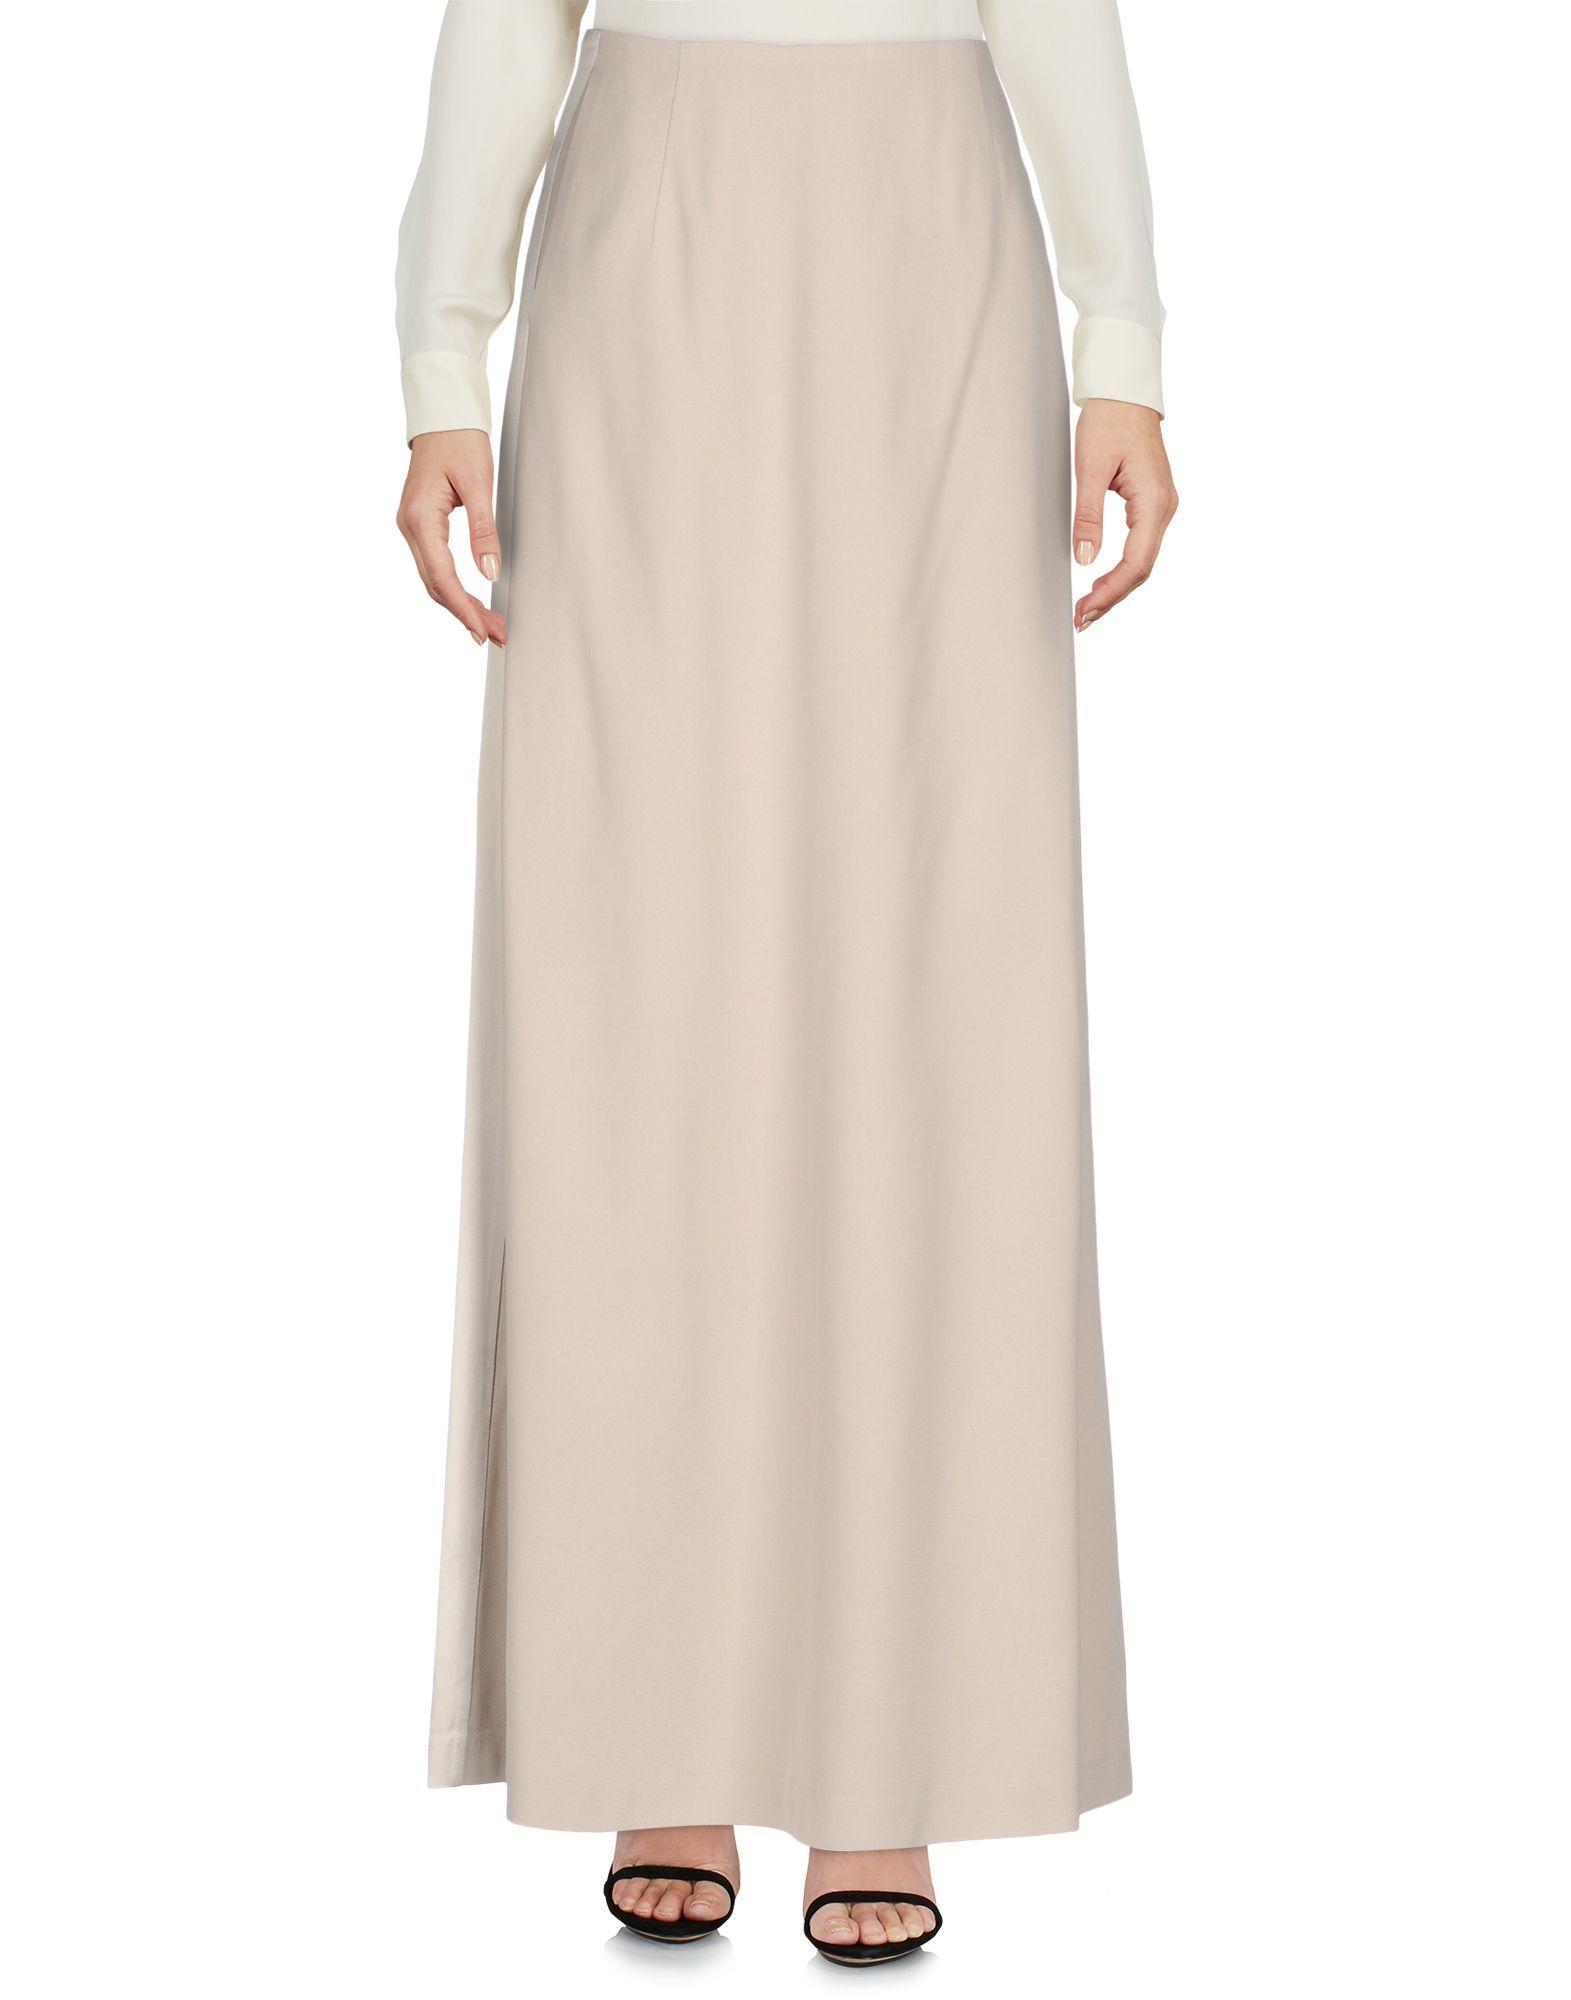 L' Autre Chose Light Grey Full Length Skirt